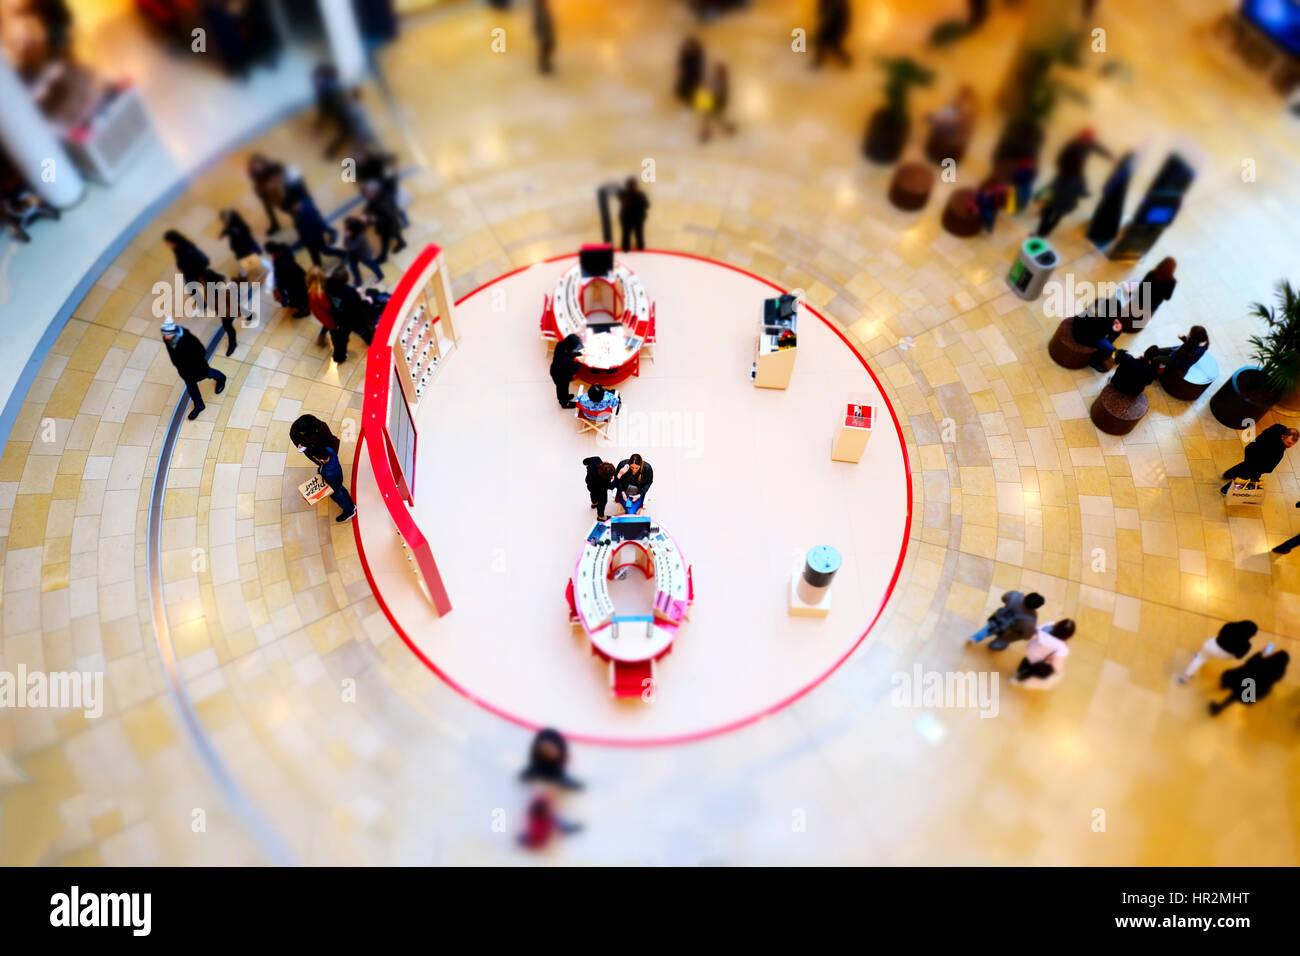 Eine Schönheit Zähler Kunden zusammen einen belebten Einkaufszentrum Bull Ring Birmingham Freifläche Stockbild